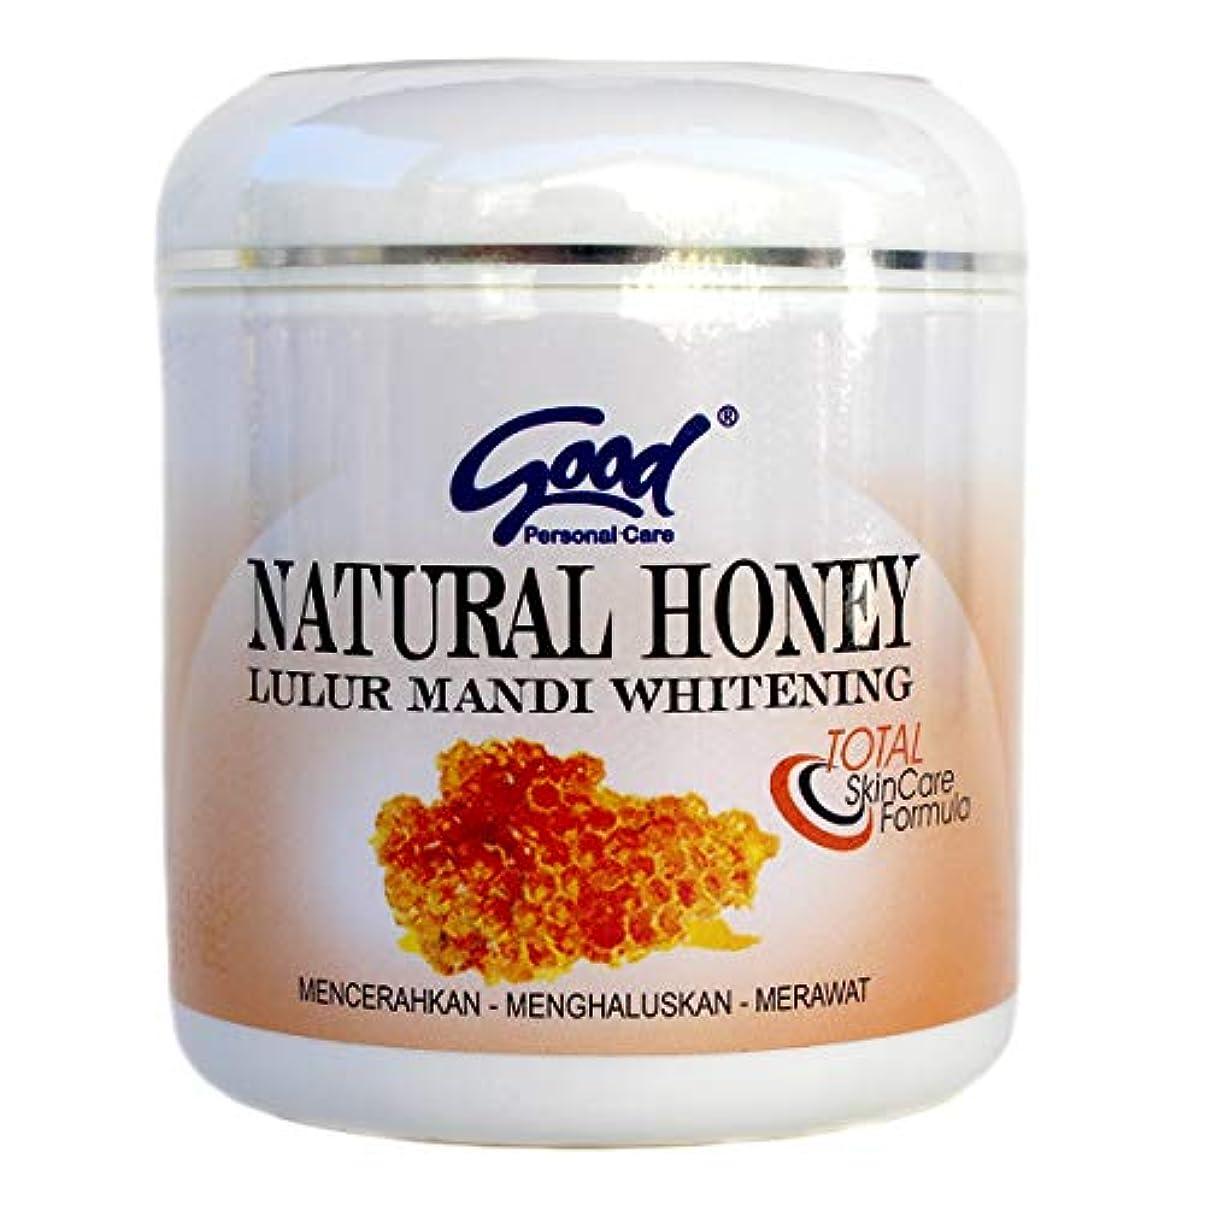 意気込みインタネットを見るほめるgood グッド インドネシアバリ島の伝統的なボディスクラブ Lulur Mandi マンディルルール 200g Natural Honey ナチュラルハニー [海外直送品]